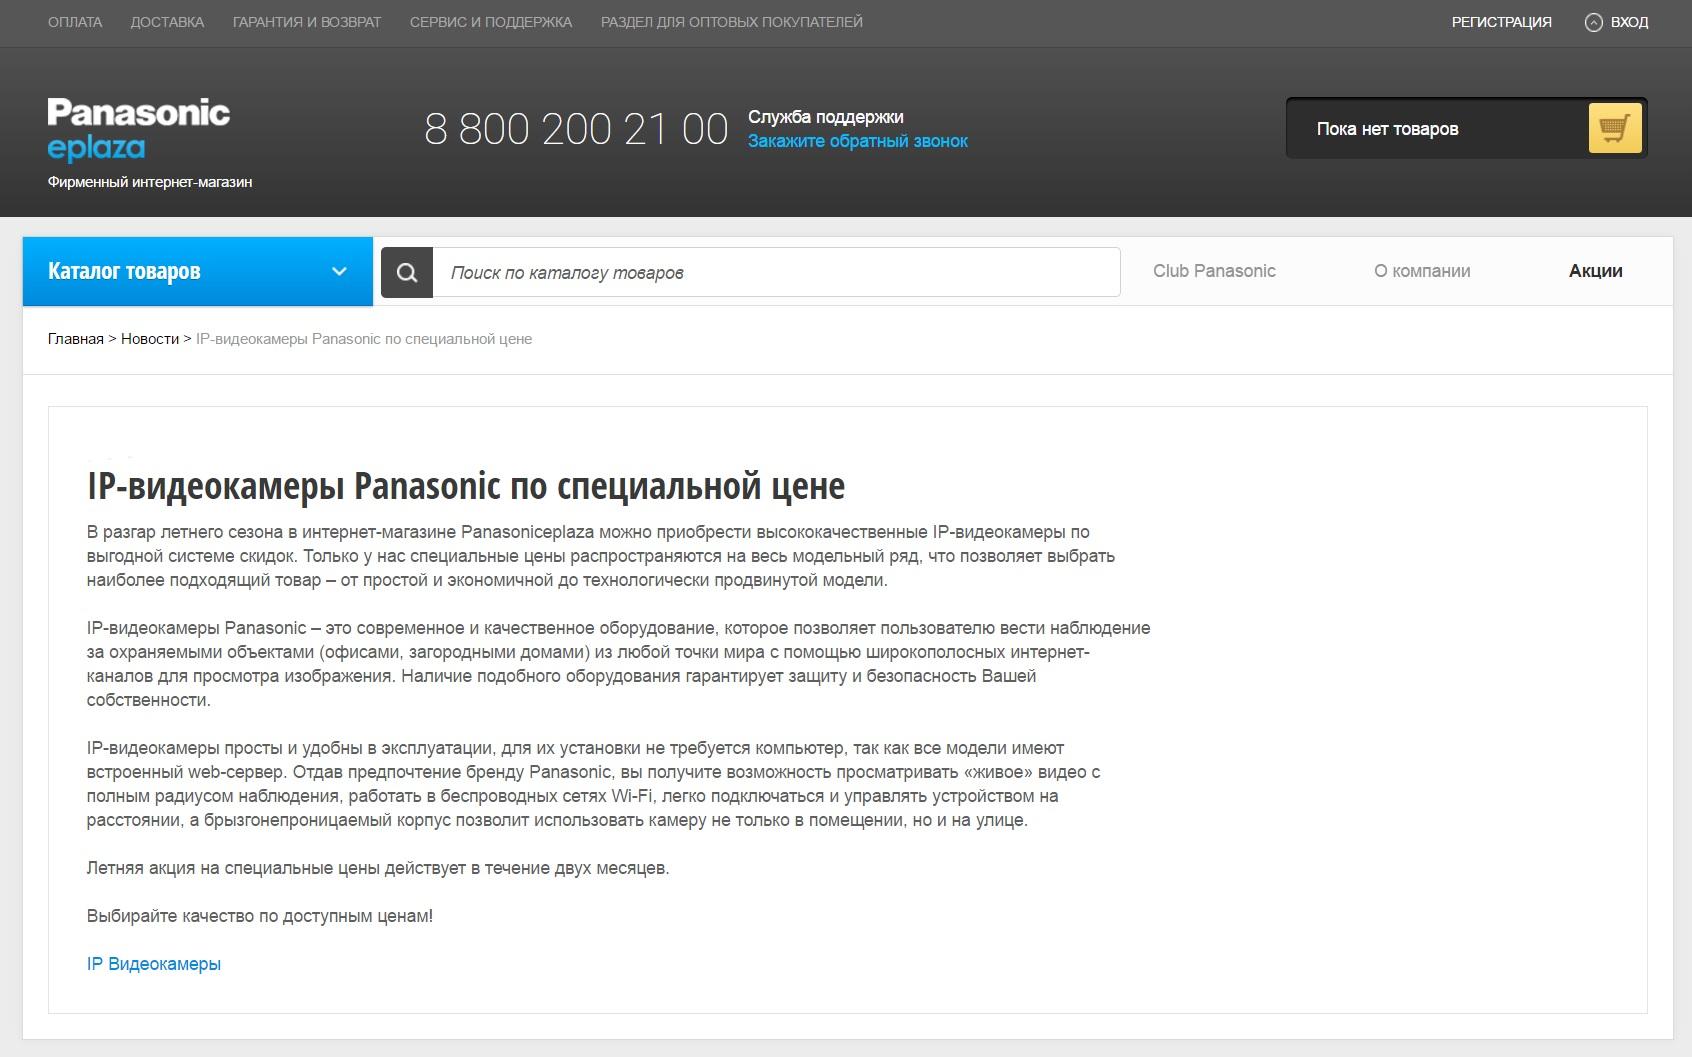 IP-видеокамеры Panasonic